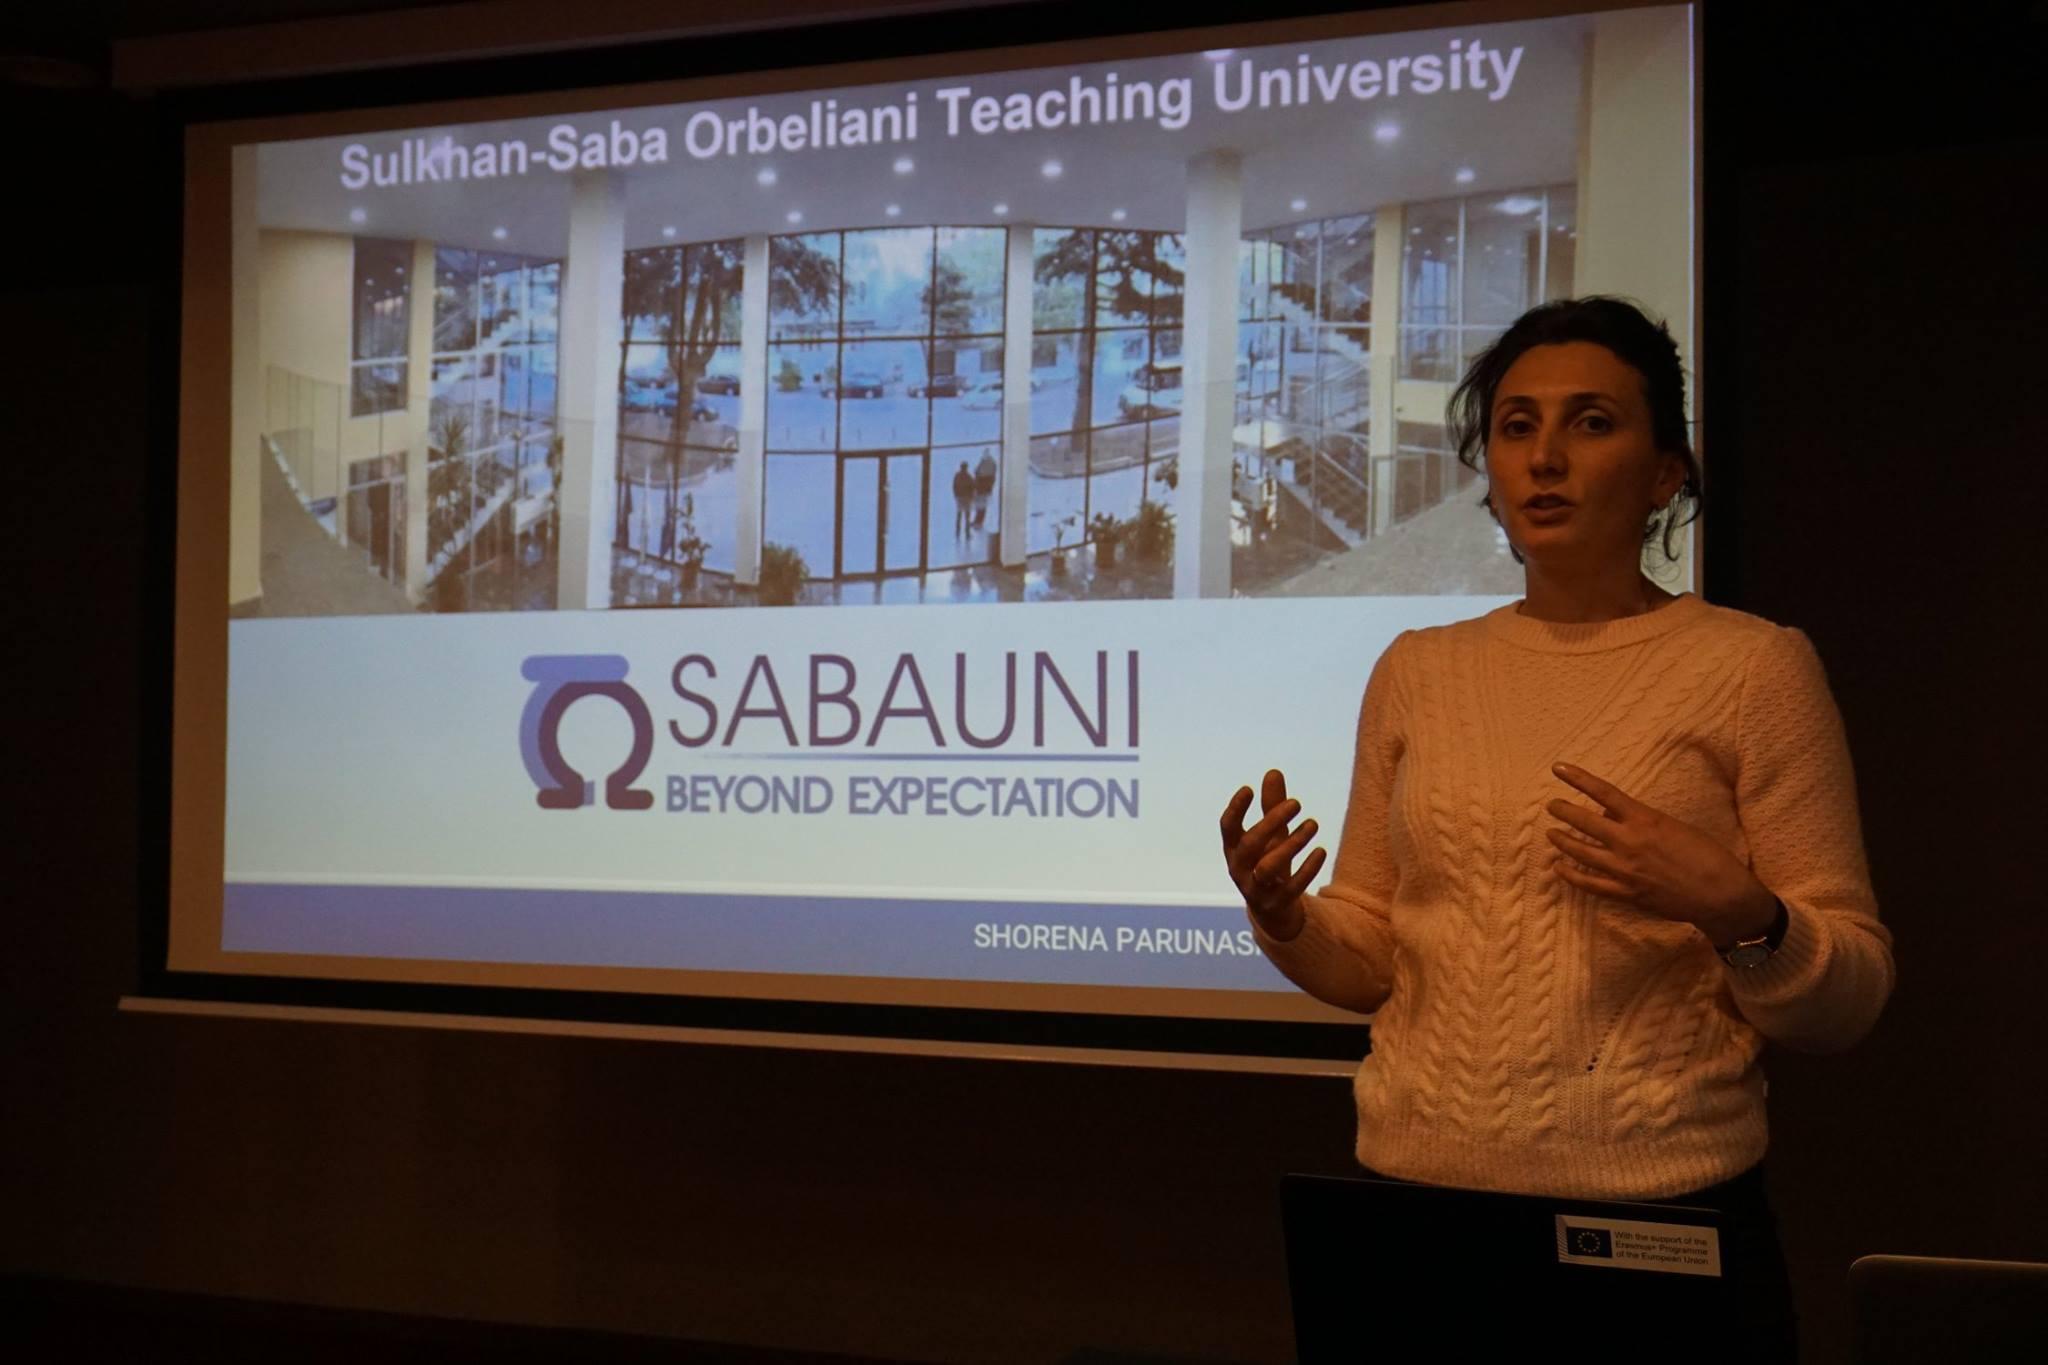 საერთაშორისო კვირეული ლუბლინის მეწარმეობისა და ადმინისტრირების უნივერსიტეტში